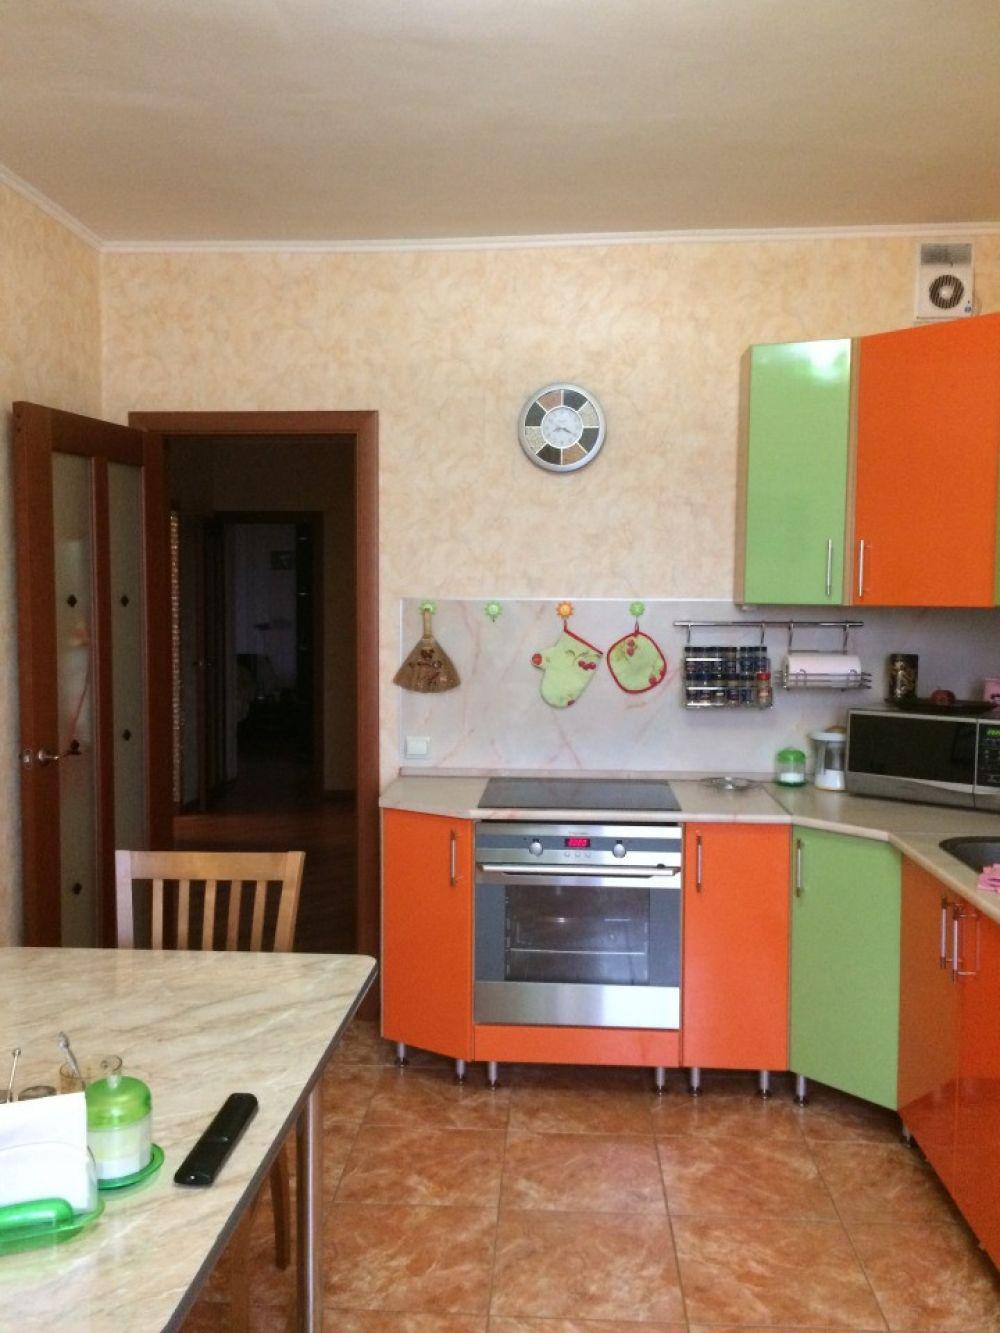 3-к квартира, Щелково, улица Шмидта, 6, фото 5